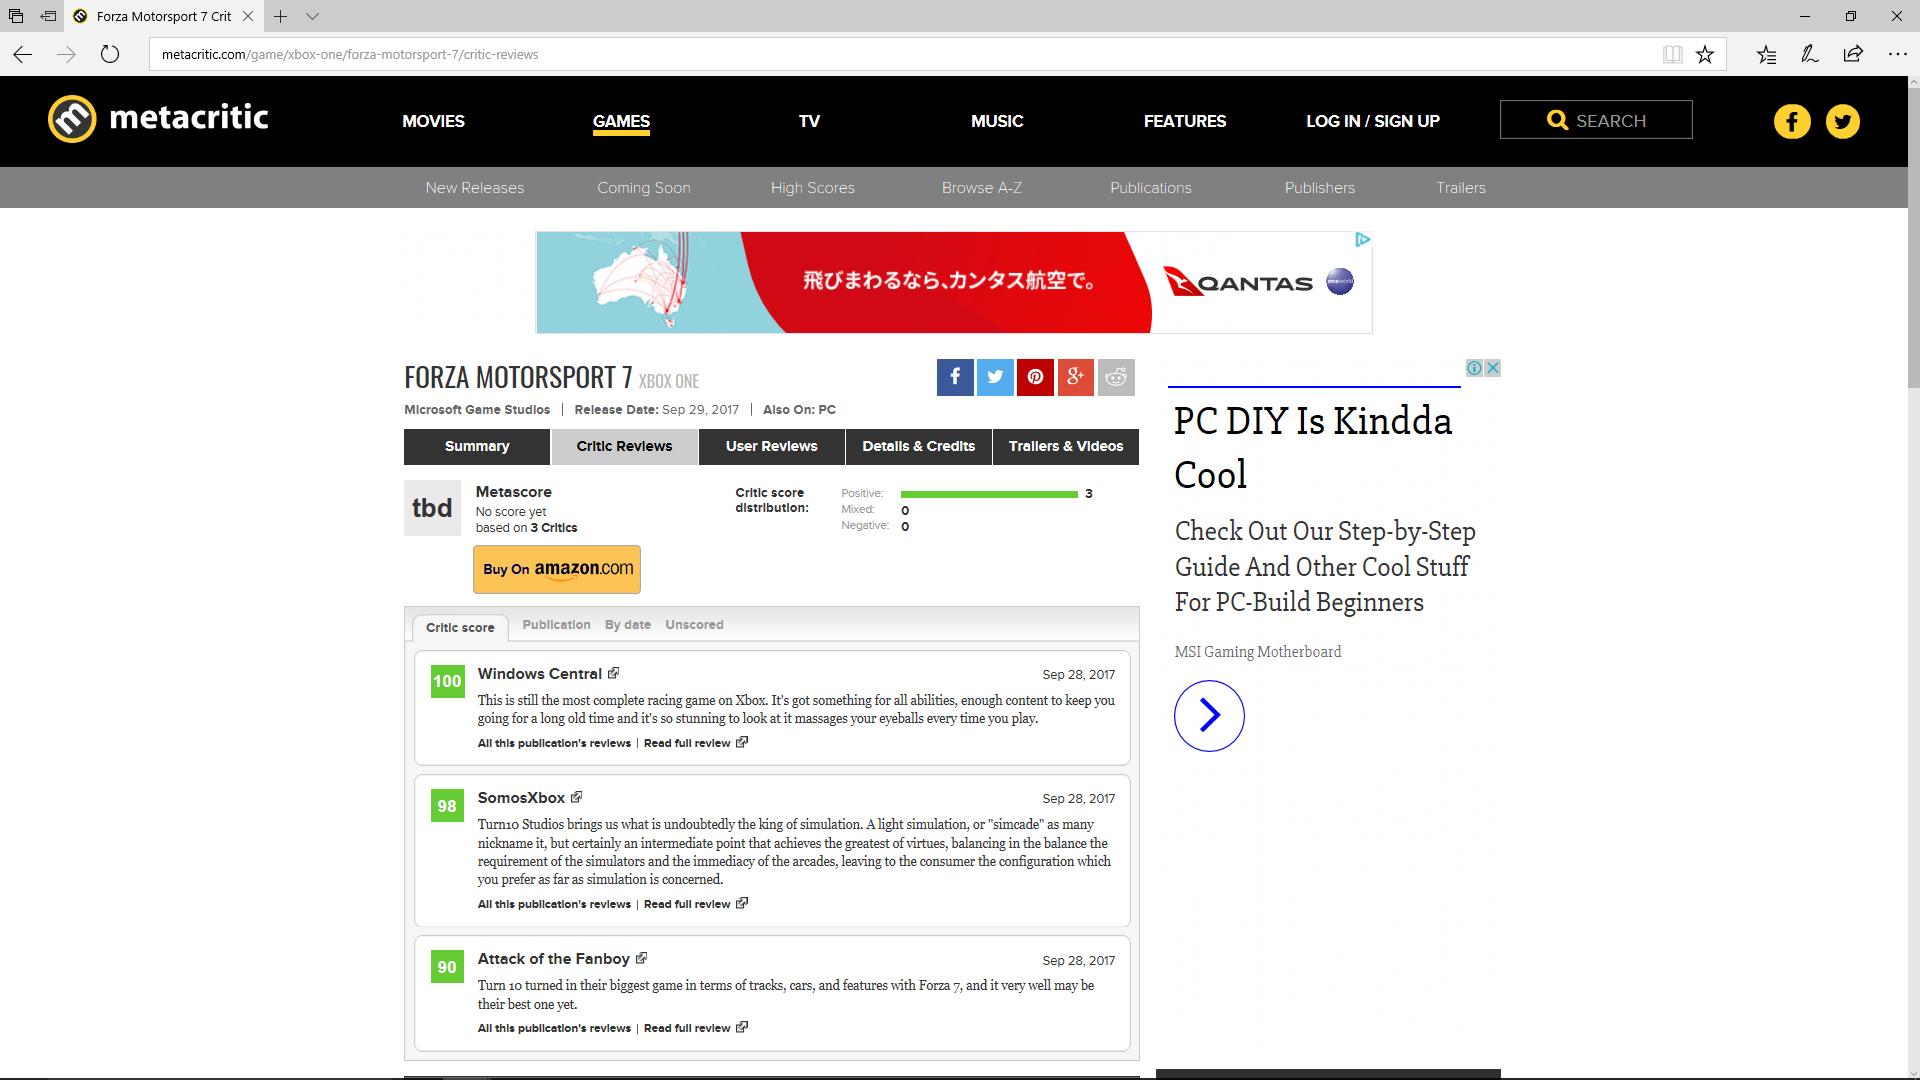 gGburc8VxhYHx - 【Xboxone】フォルツア7いよいよ明日発売!メタスコア高評価で話題沸騰!